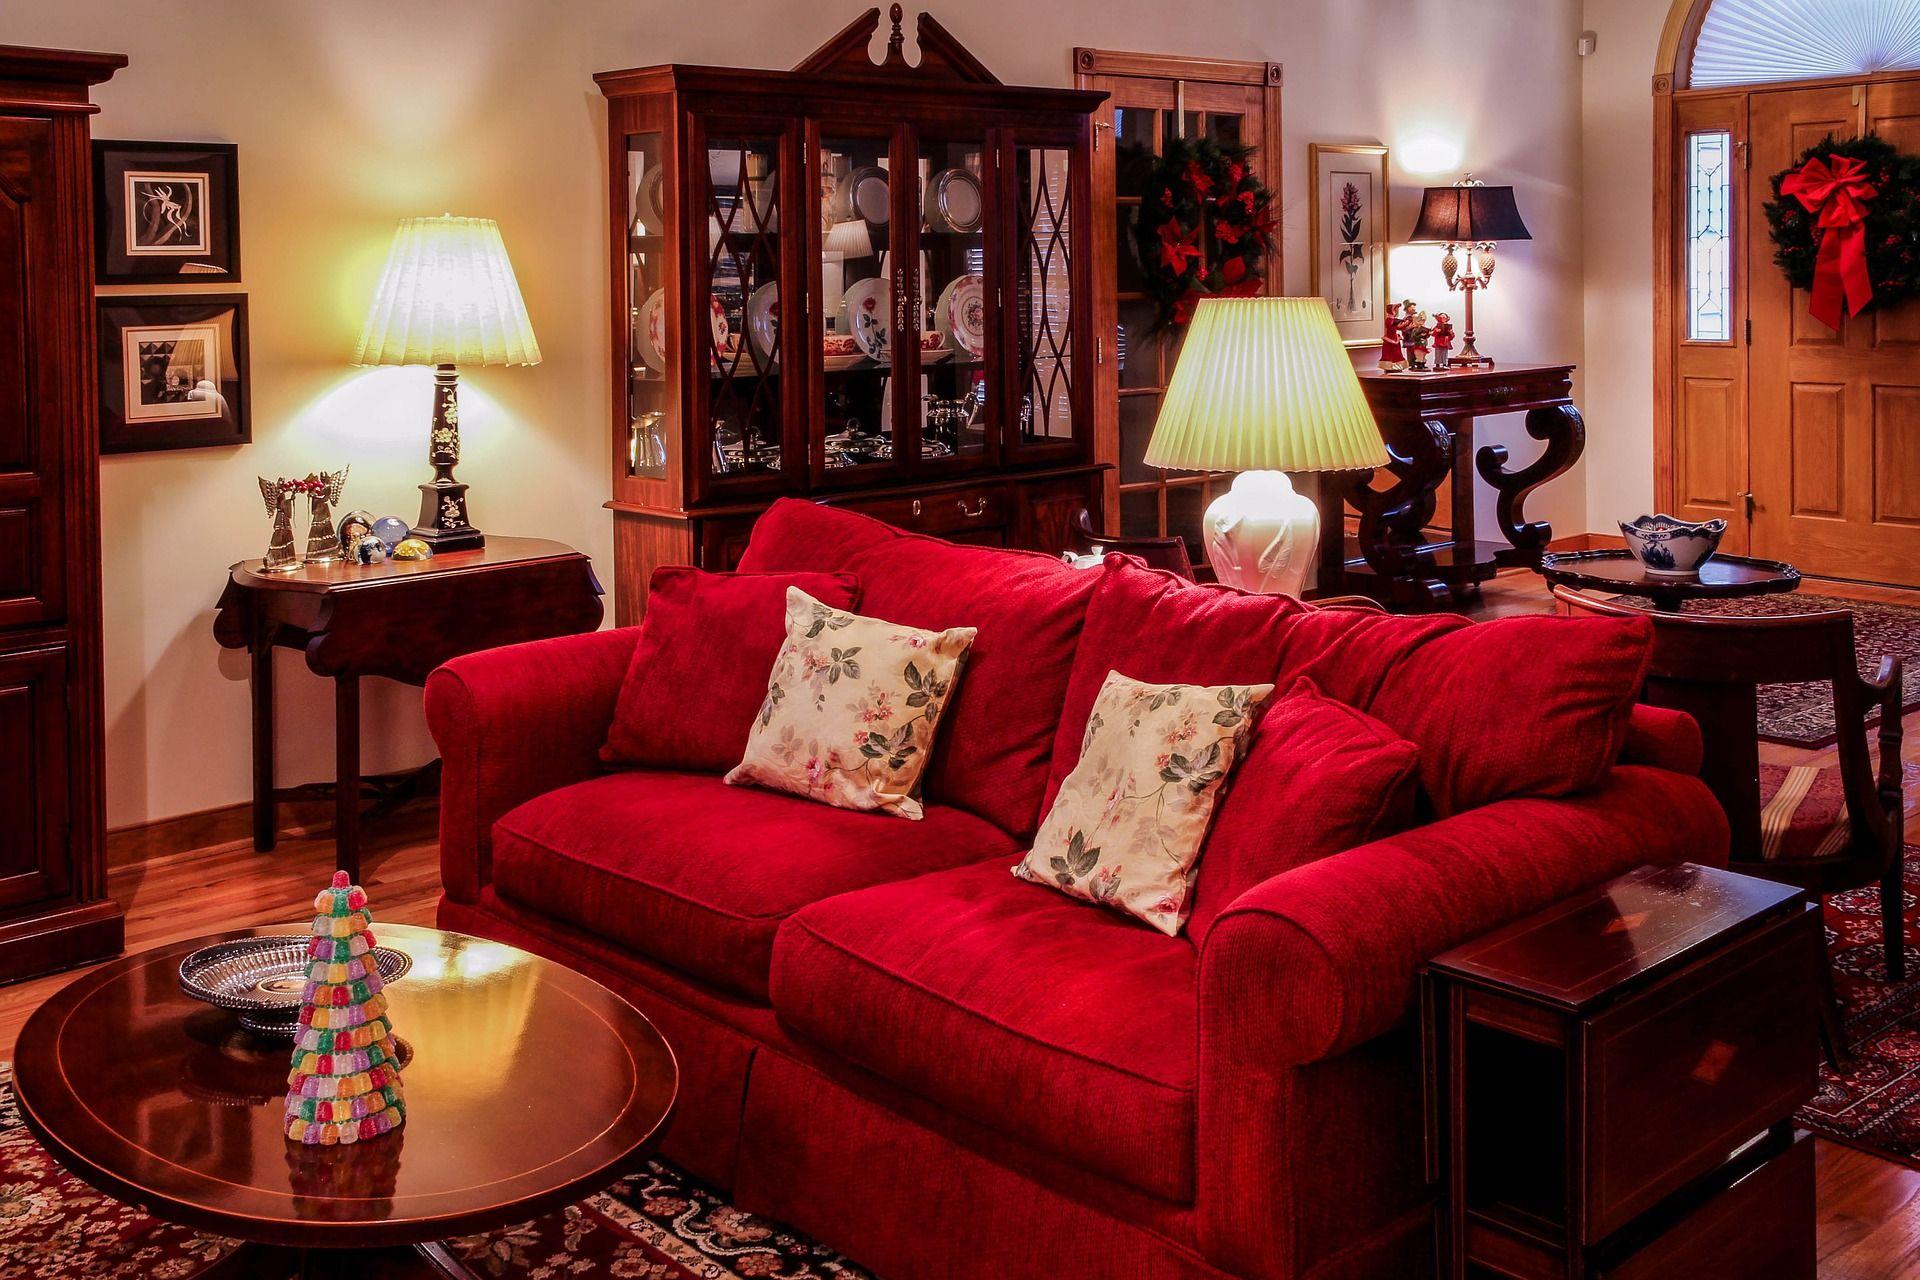 Compra y venta de antigüedades a domicilio El Maresme